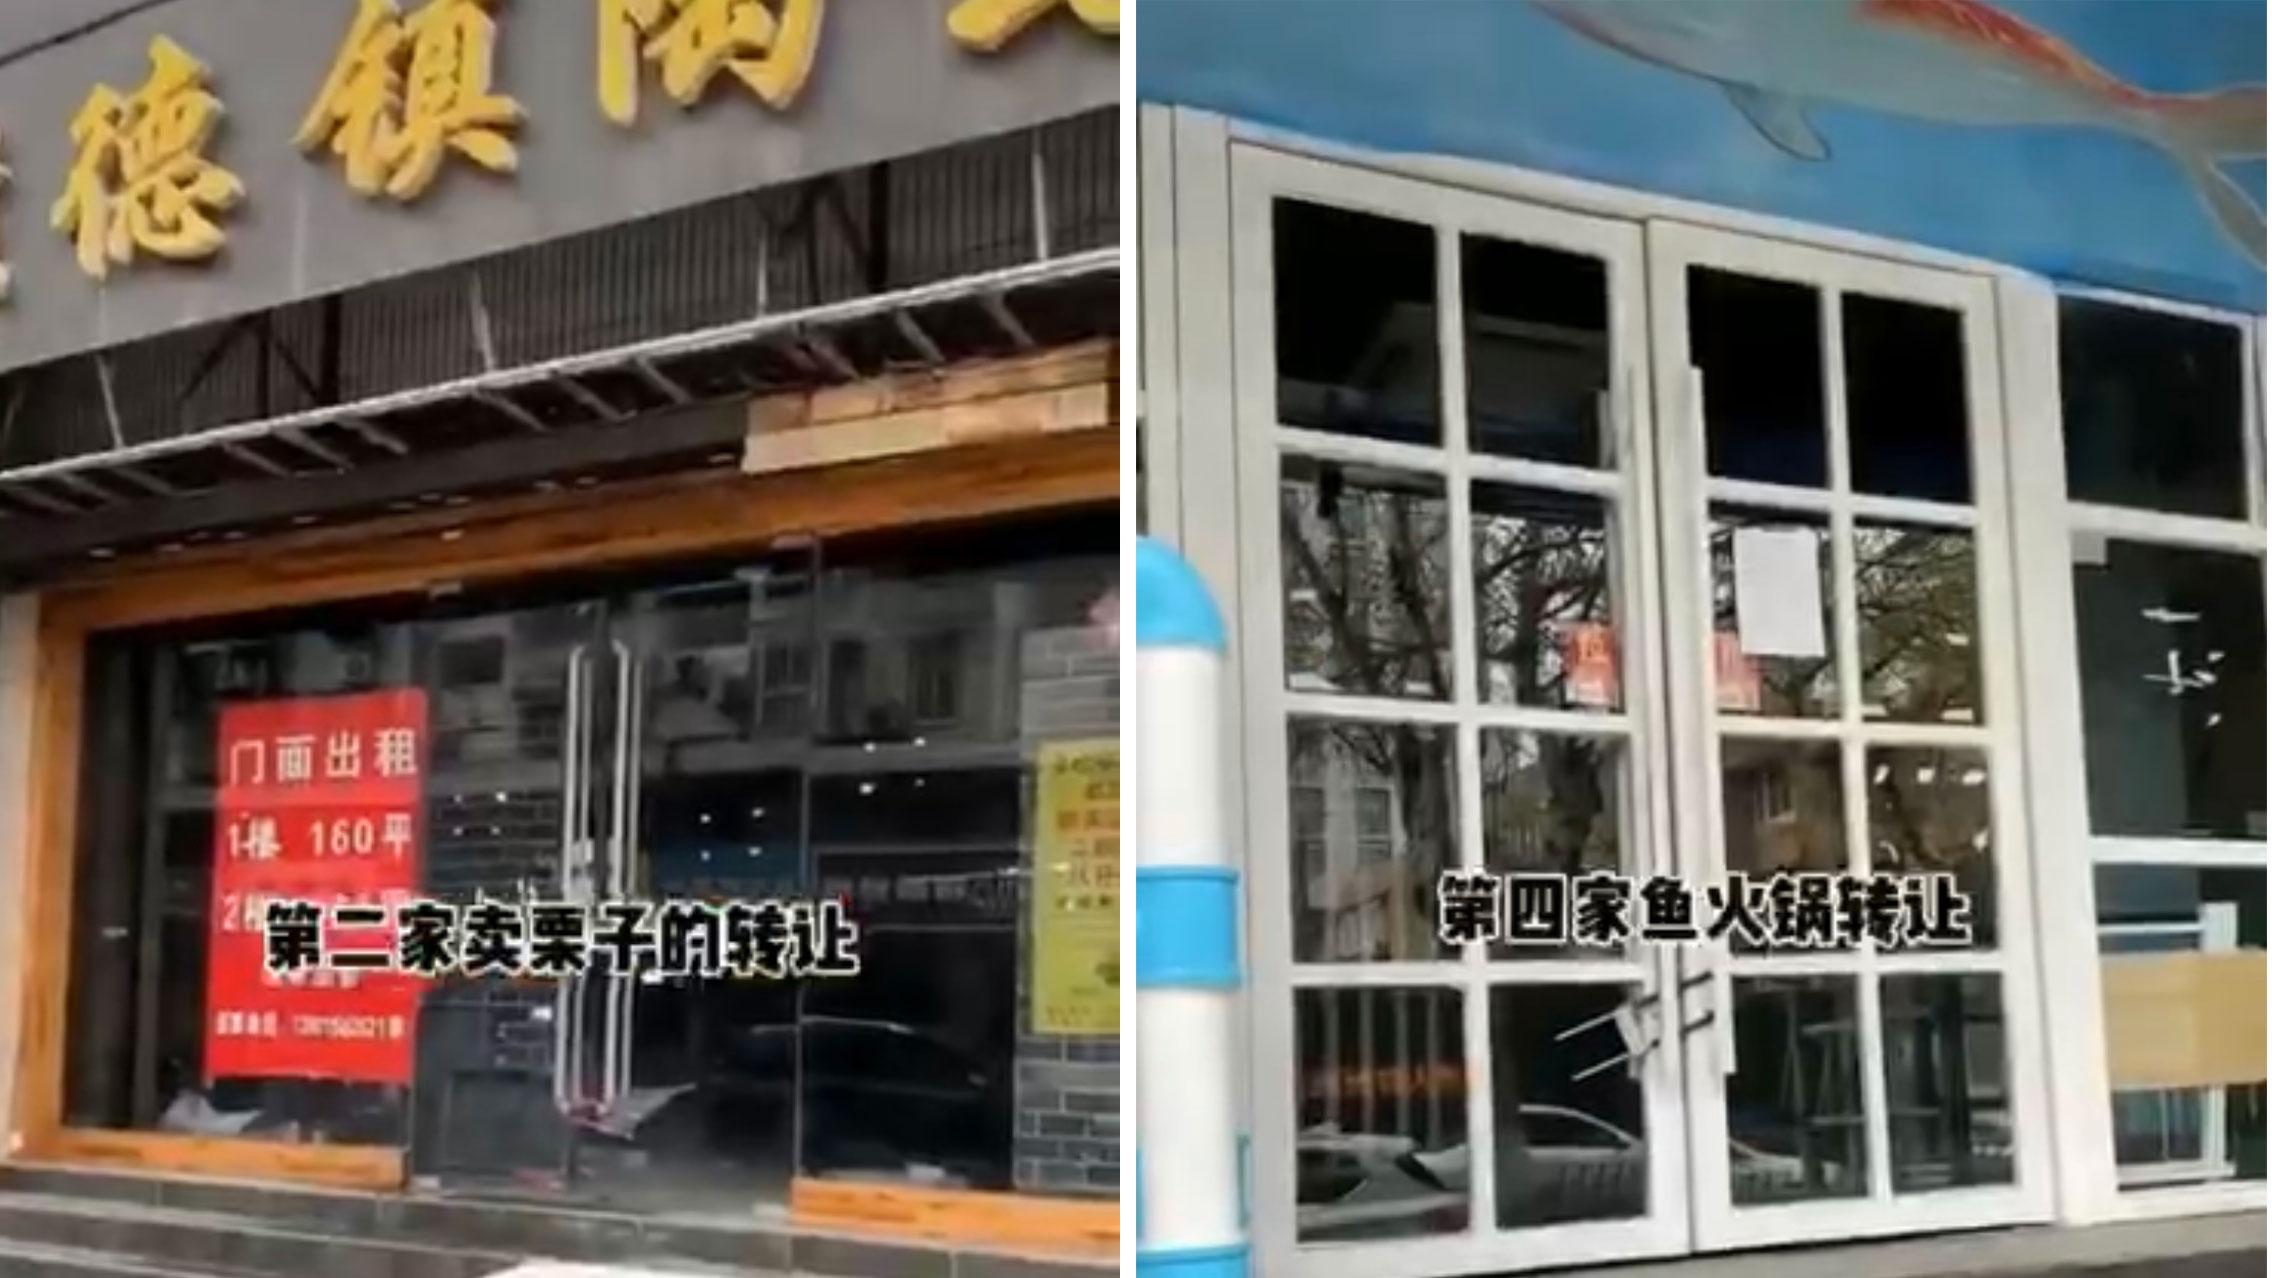 中国各地店铺纷纷求售 企业倒闭呈多米诺骨牌效应